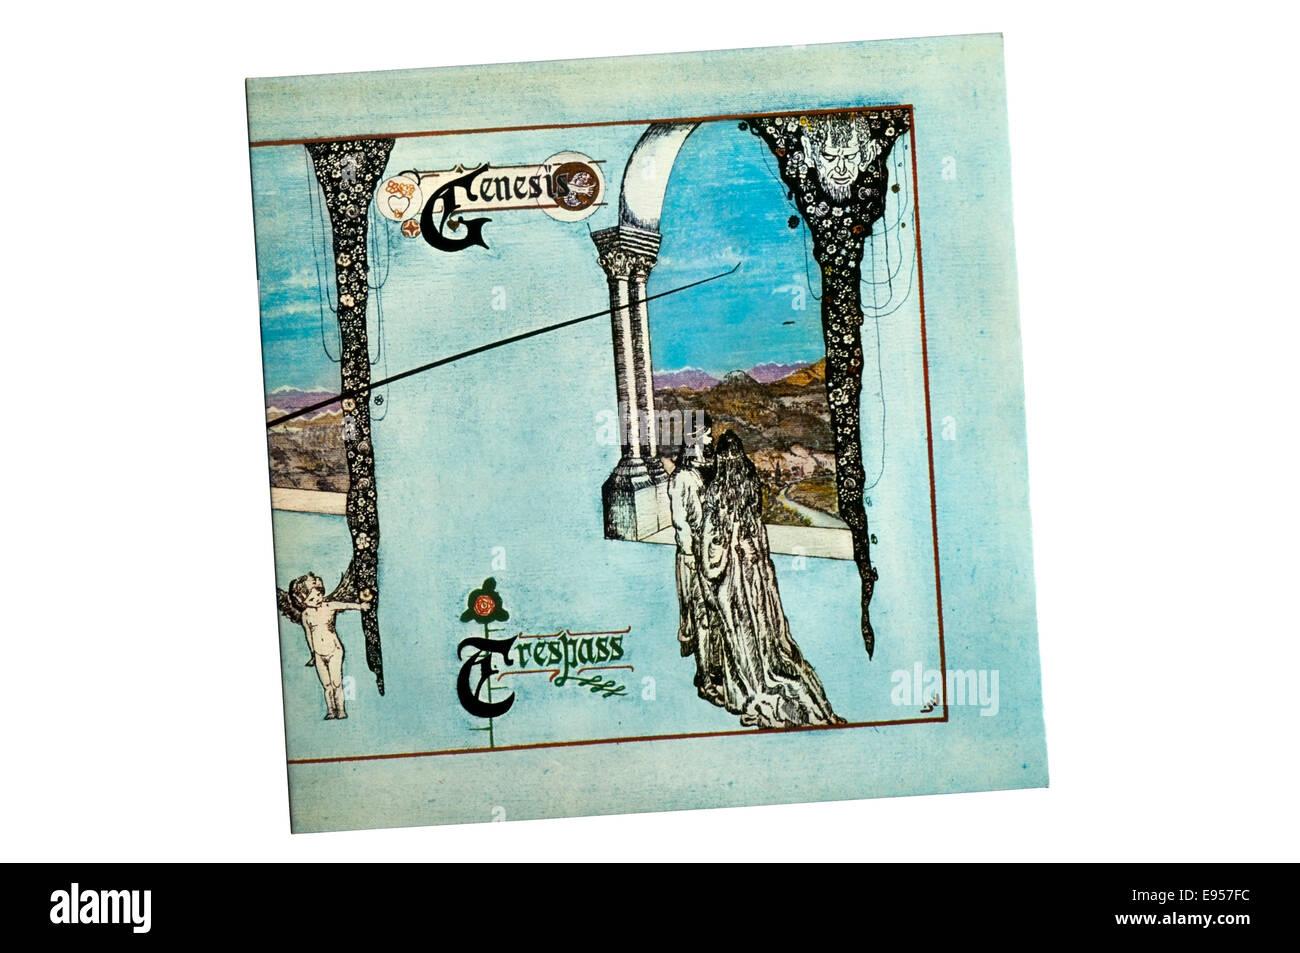 L'intrusion a été le deuxième album studio de Genesis, enregistré et sorti en 1970. Photo Stock